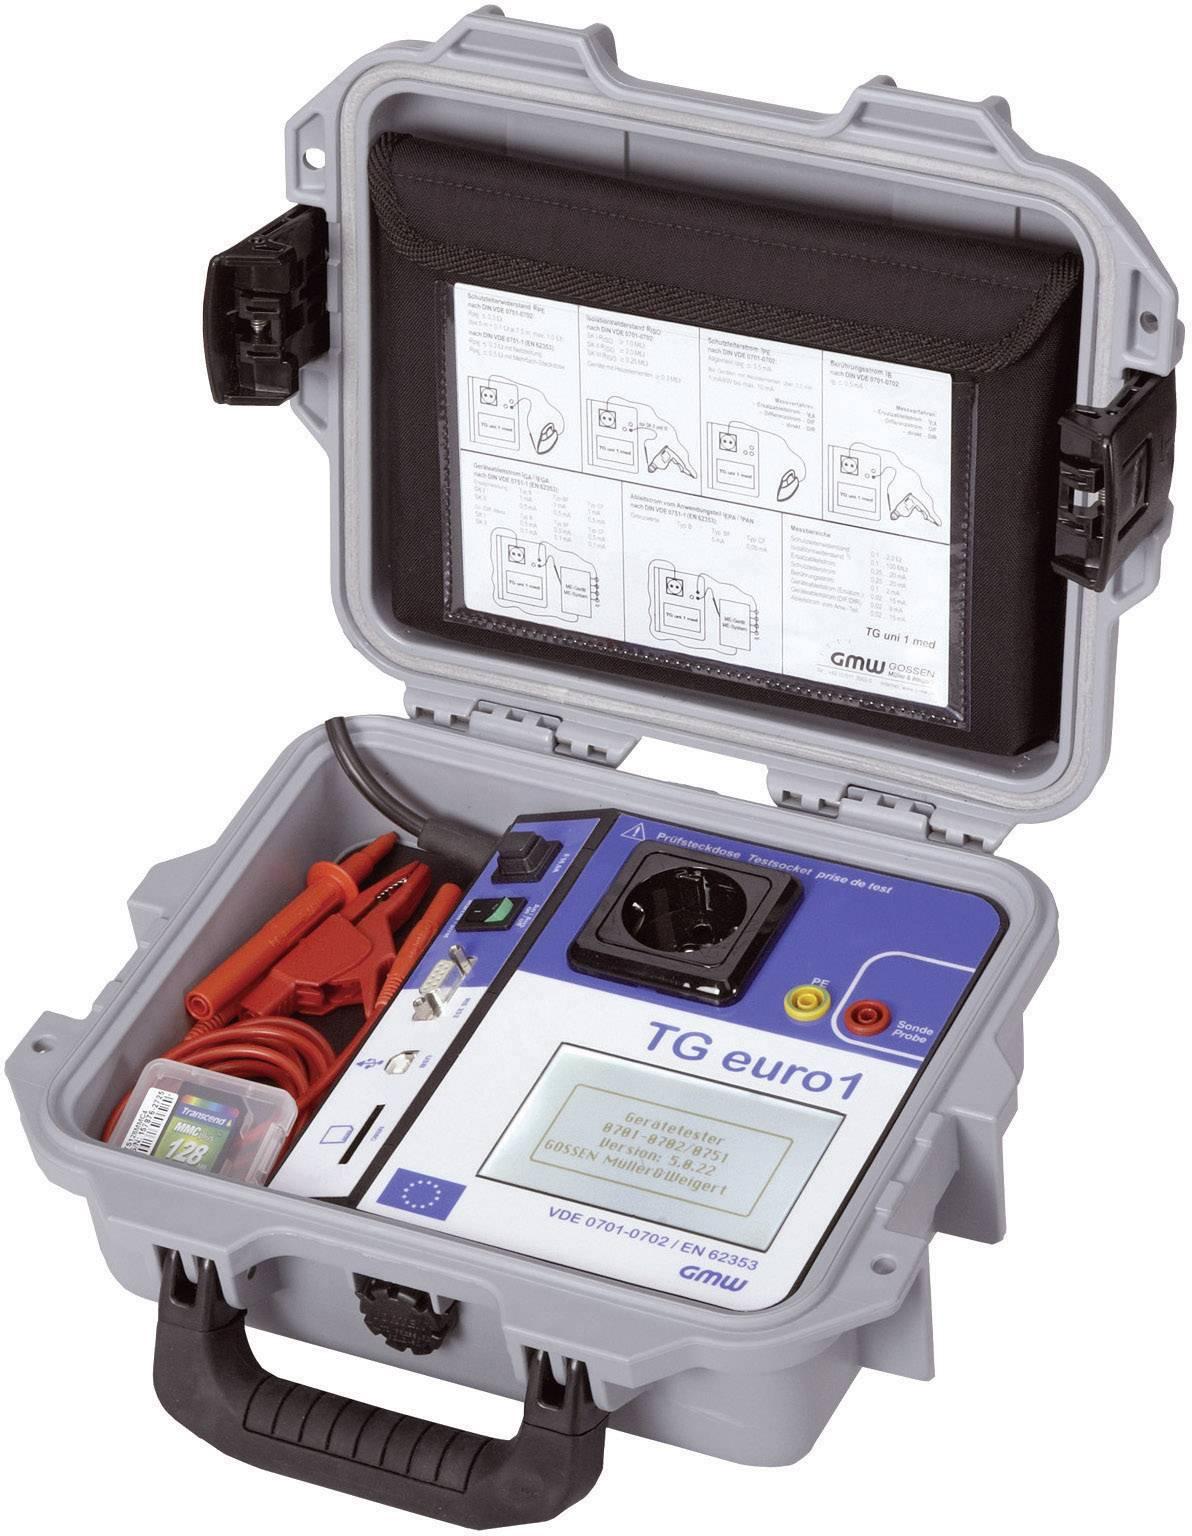 Tester spotřebičů GMW TG euro1+, 61000 00601